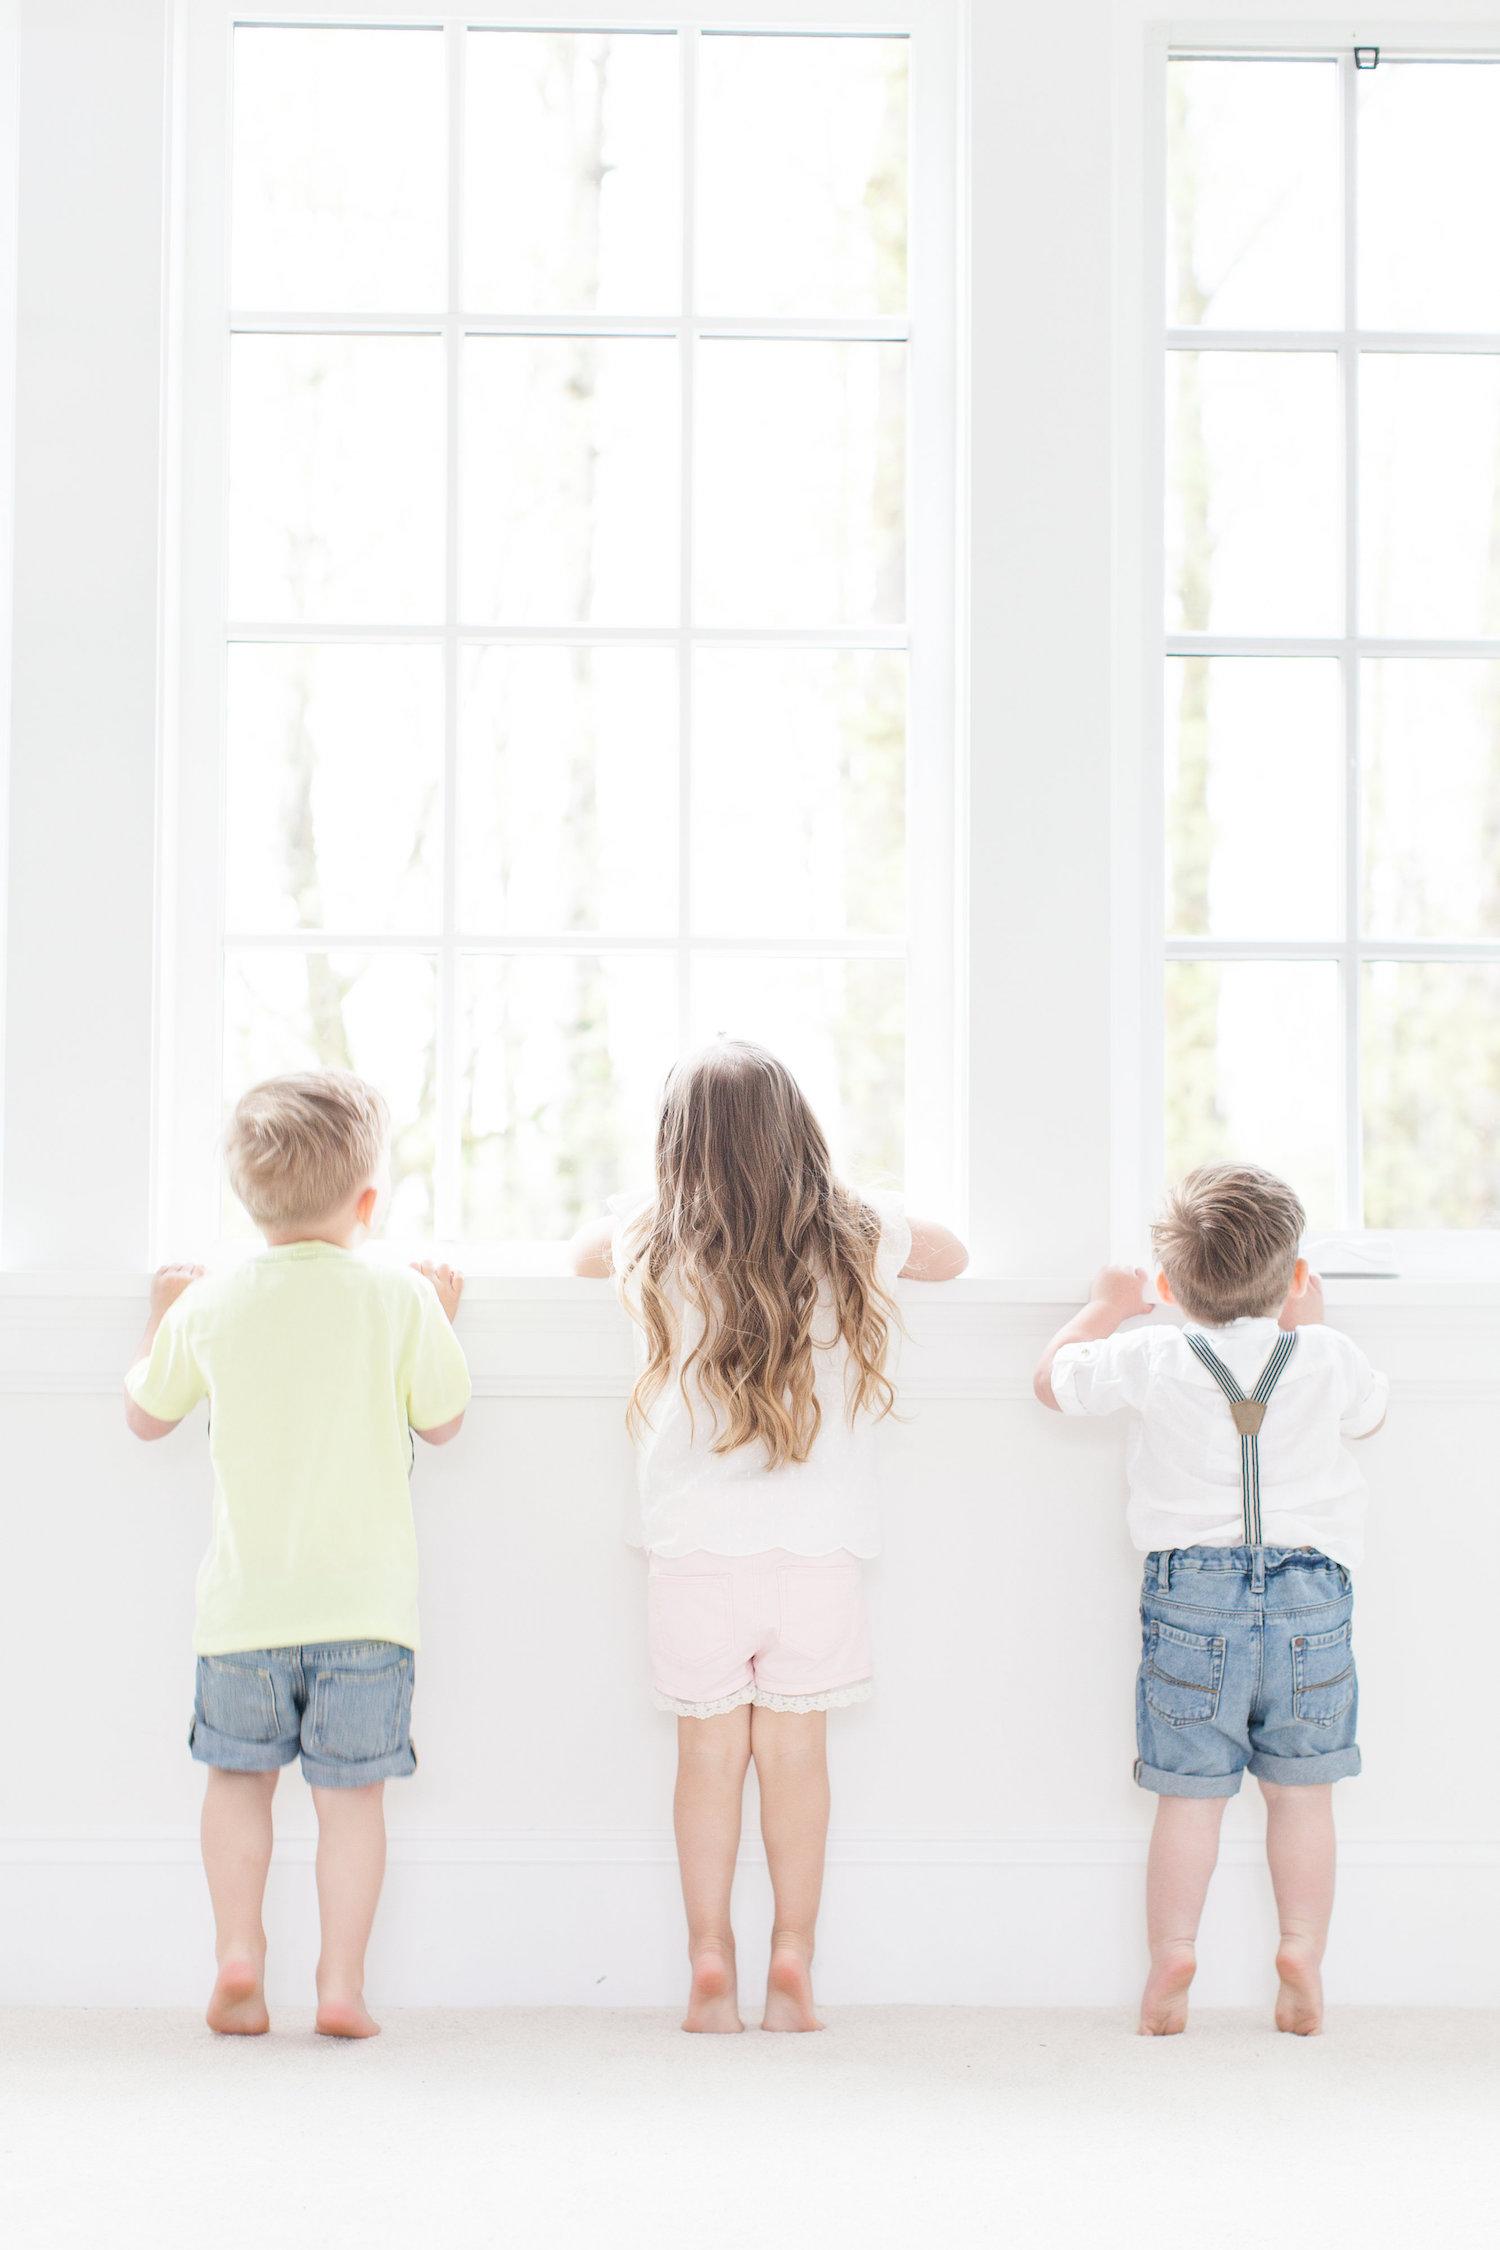 H&M Kids Spring Fashion Monika Hibbs girl boy toddler